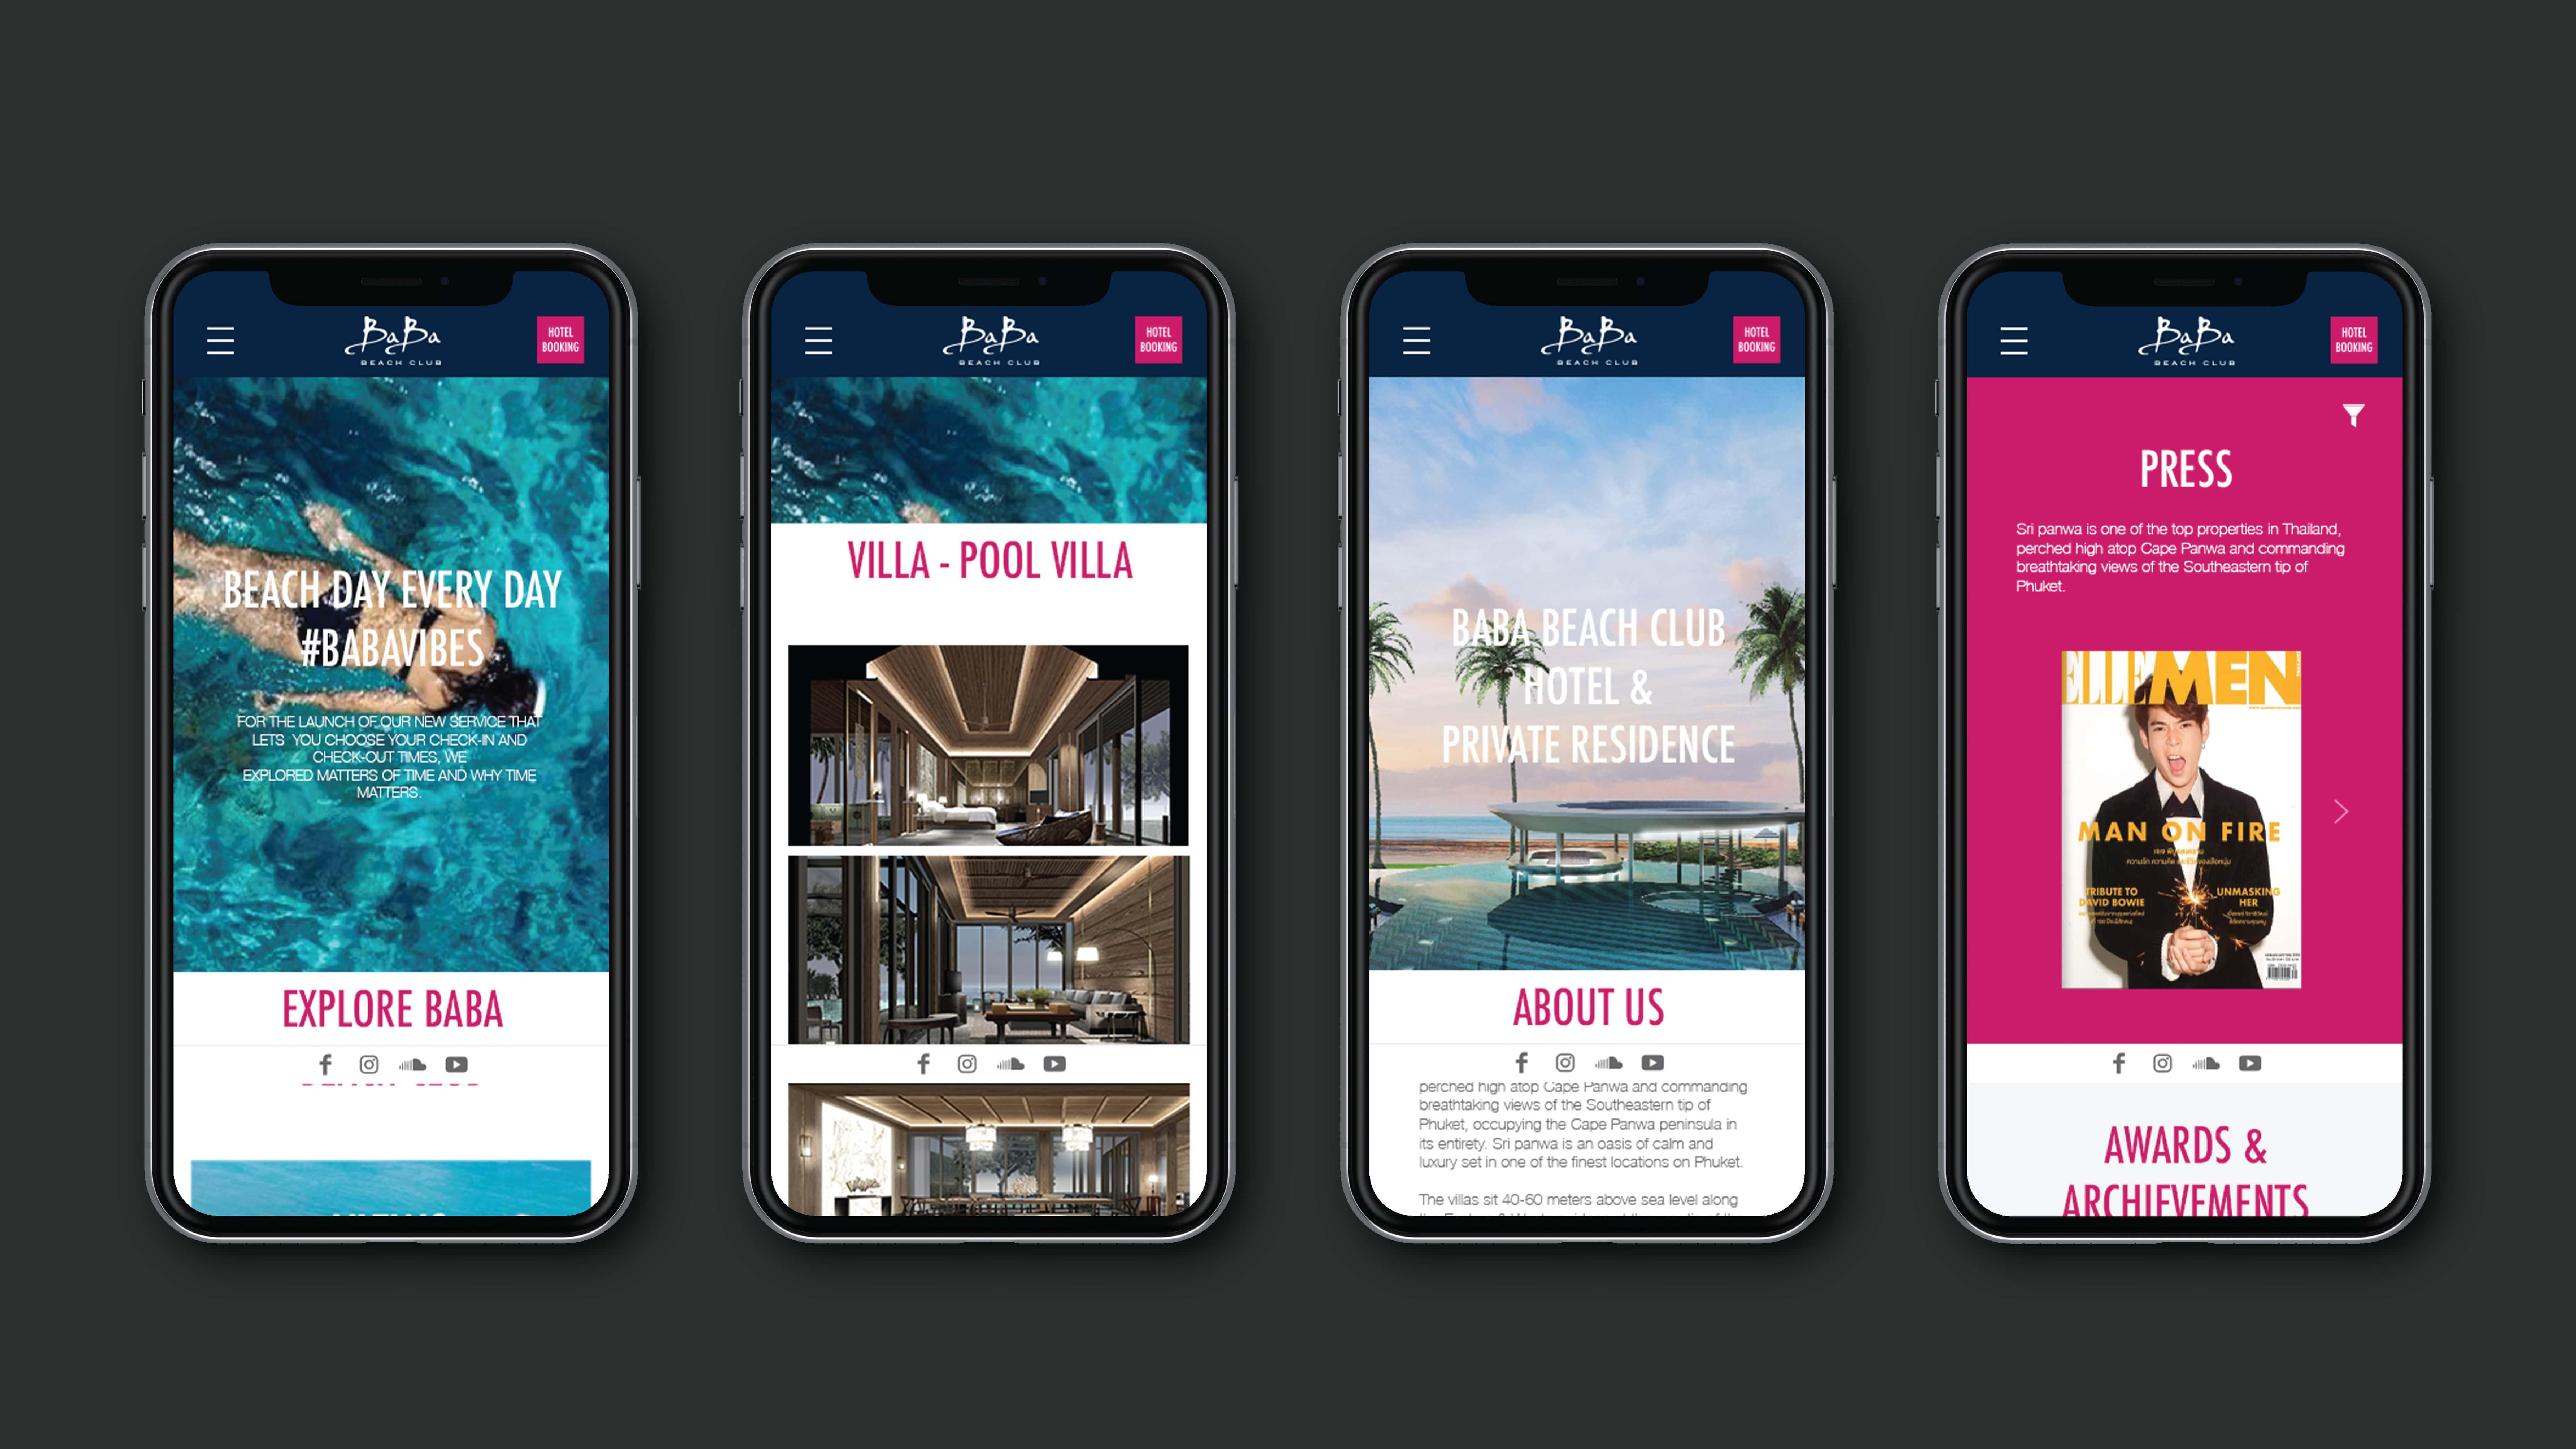 ผลงานออกแบบเว็บไซต์และพัฒนาระบบ BABA BEACH CLUB (Mobile)